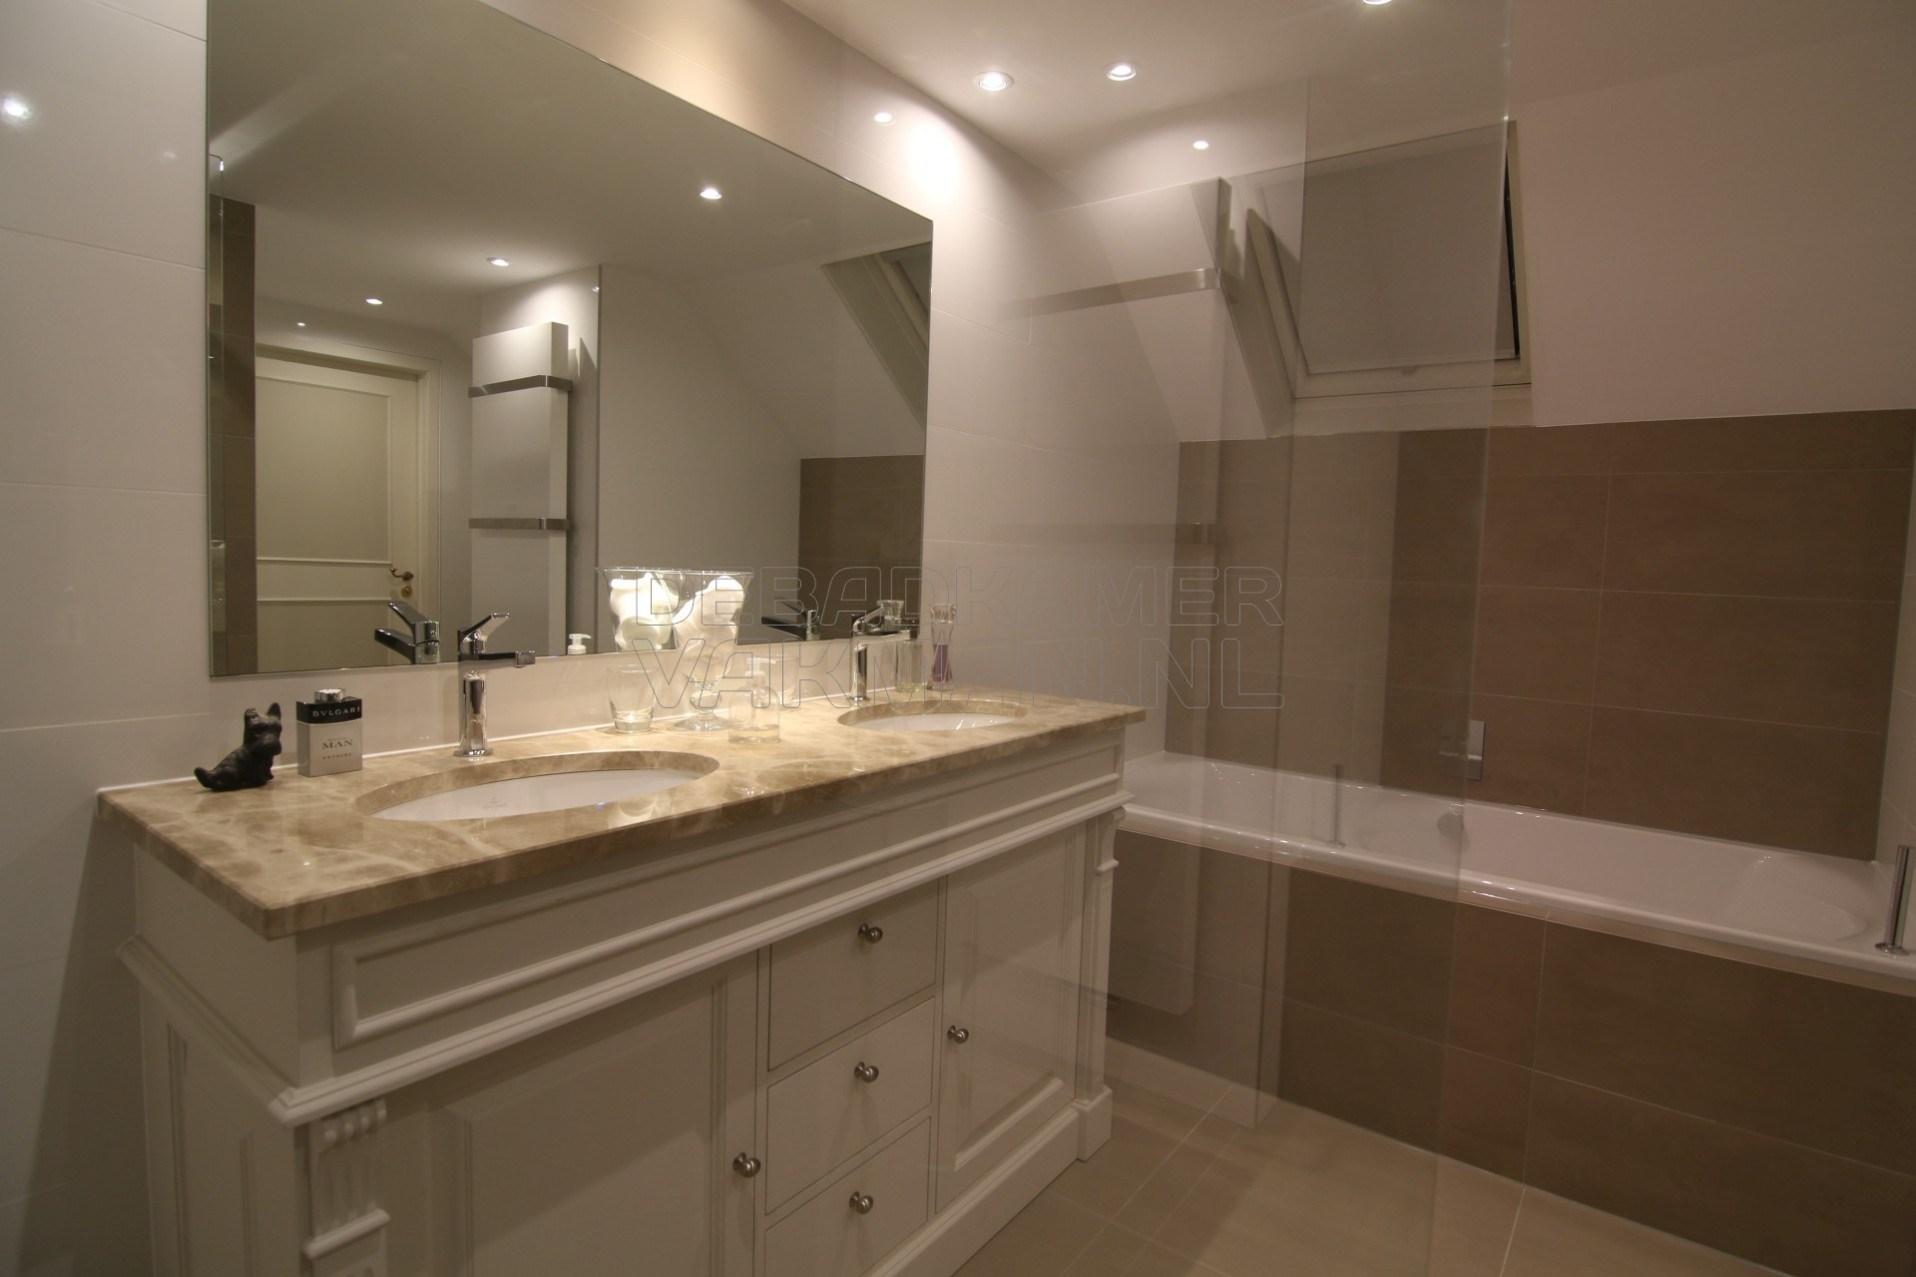 Waterdichte Coating Badkamer : Concept u badkamervakman u complete badkamer verbouwingen